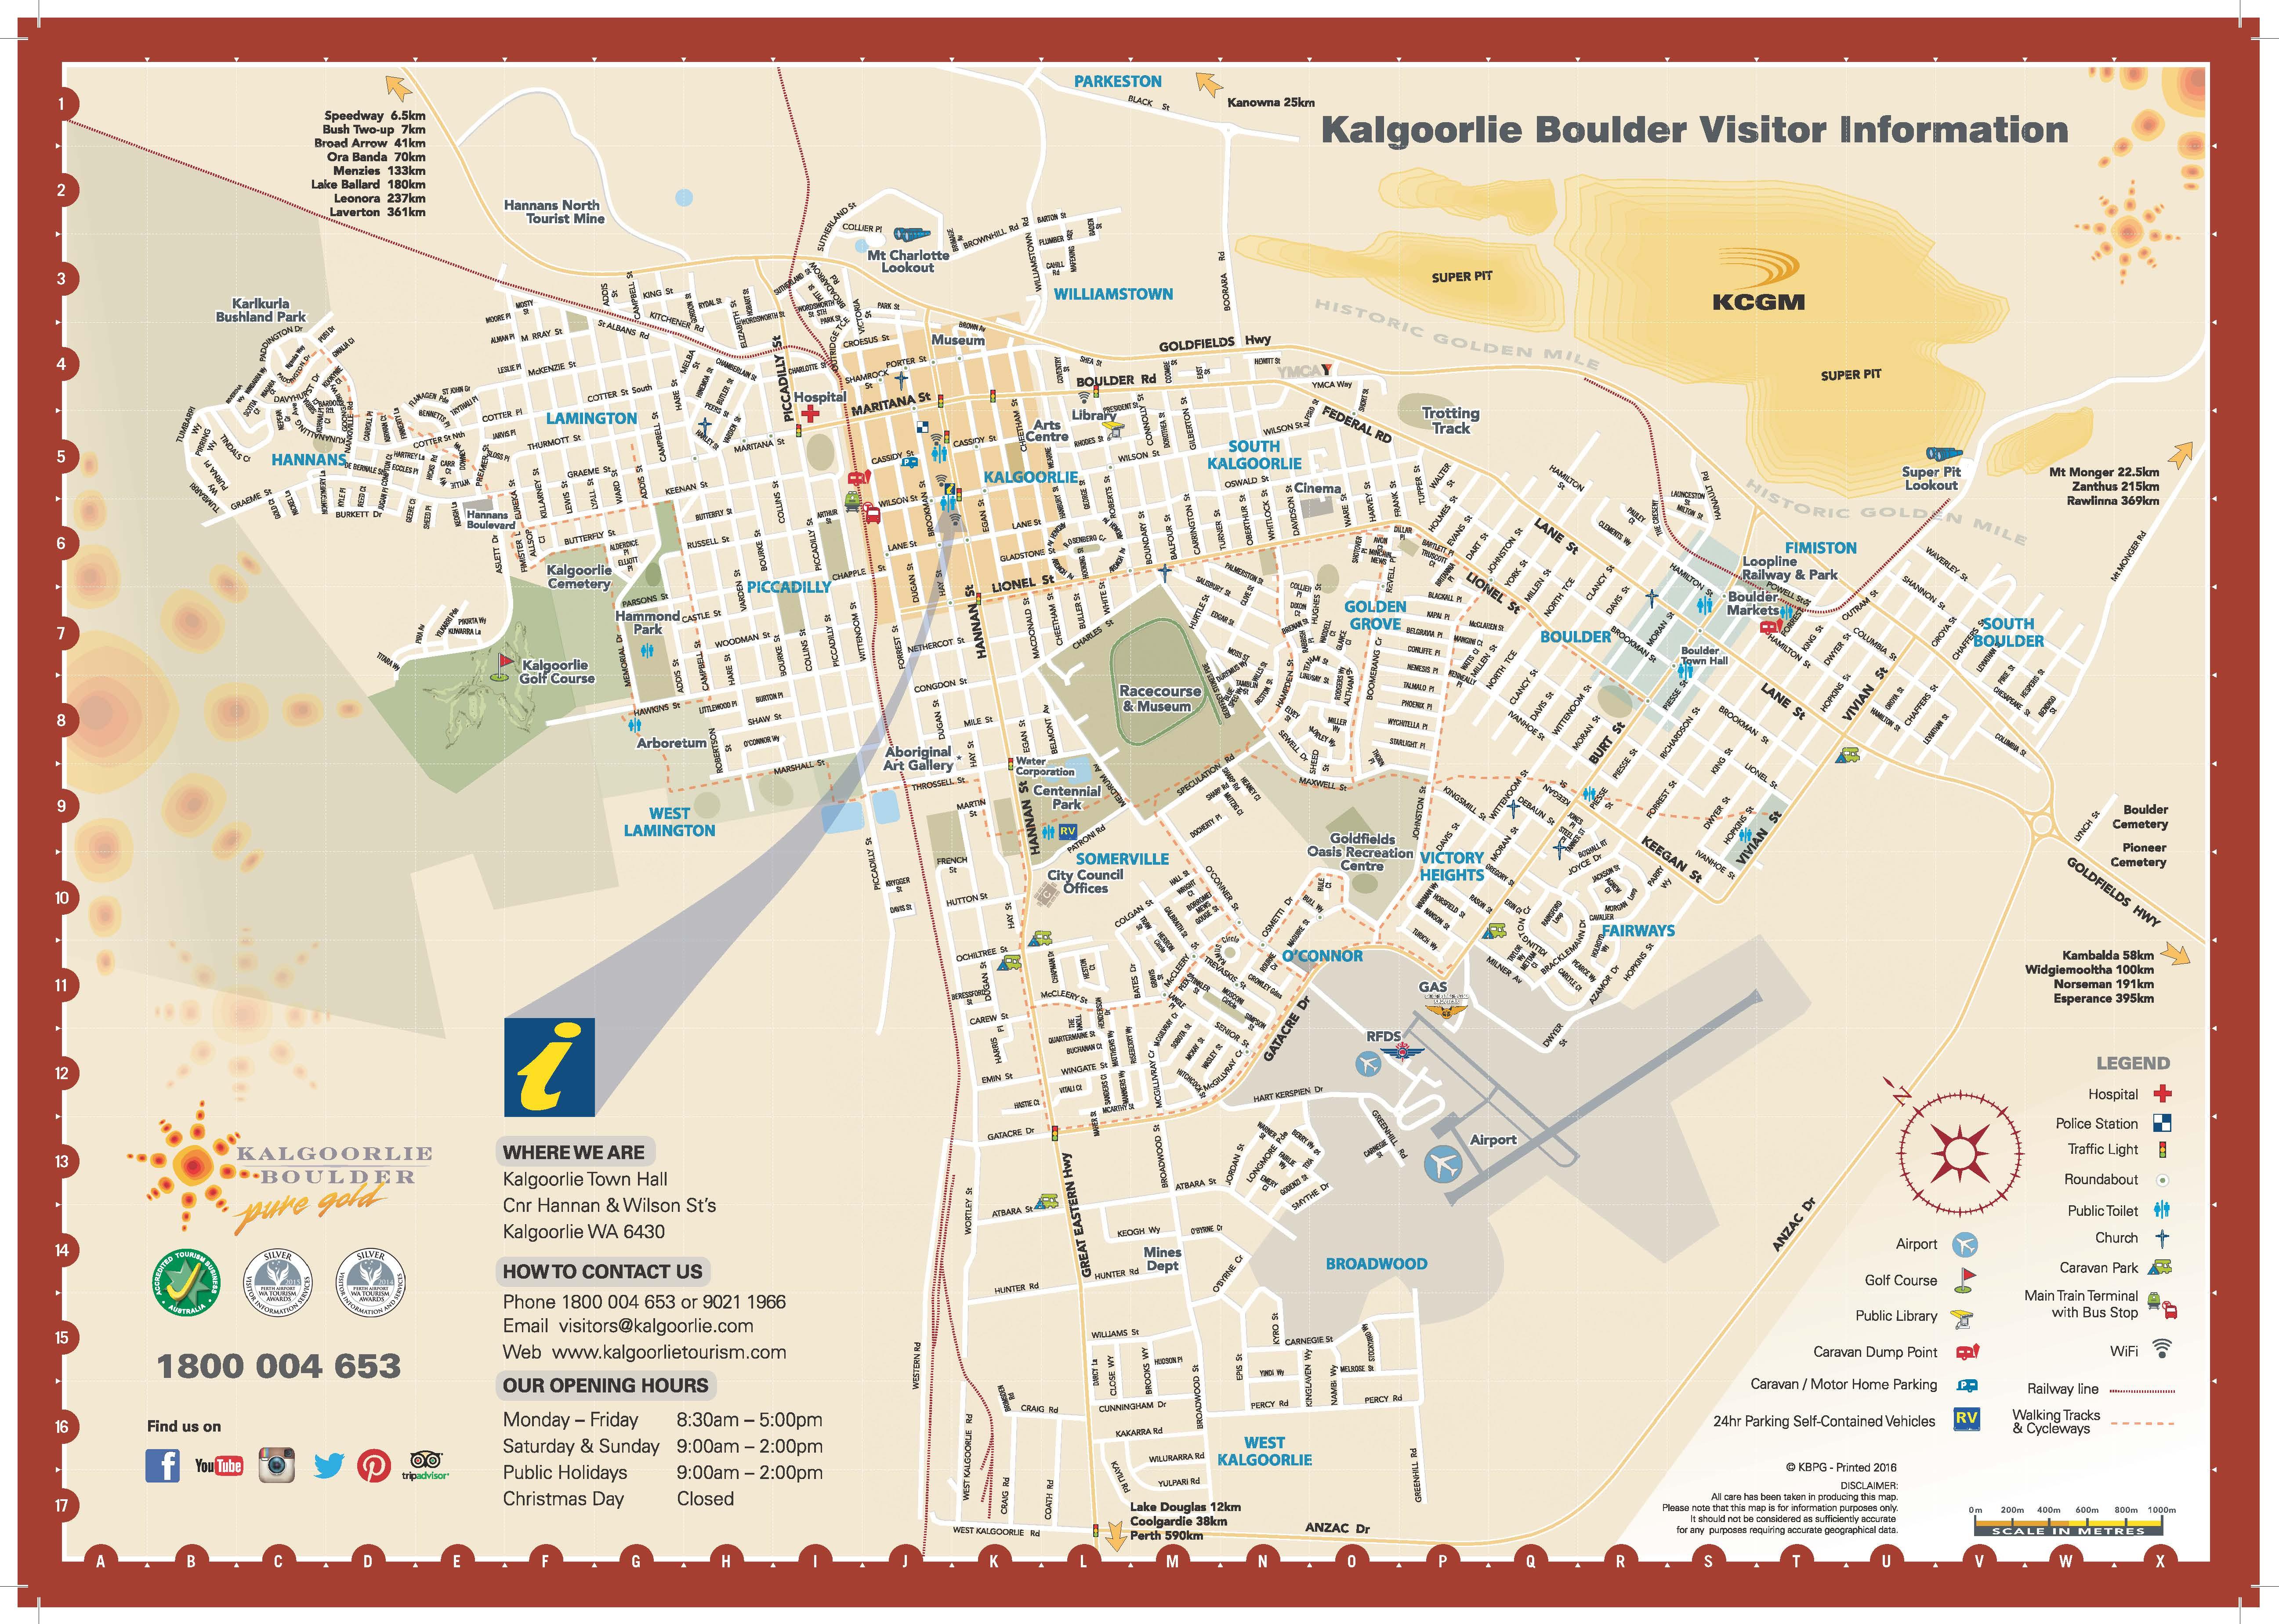 Map of Kalgoorlie Boulder Kalgoorlie Boulder Tours Accommodation